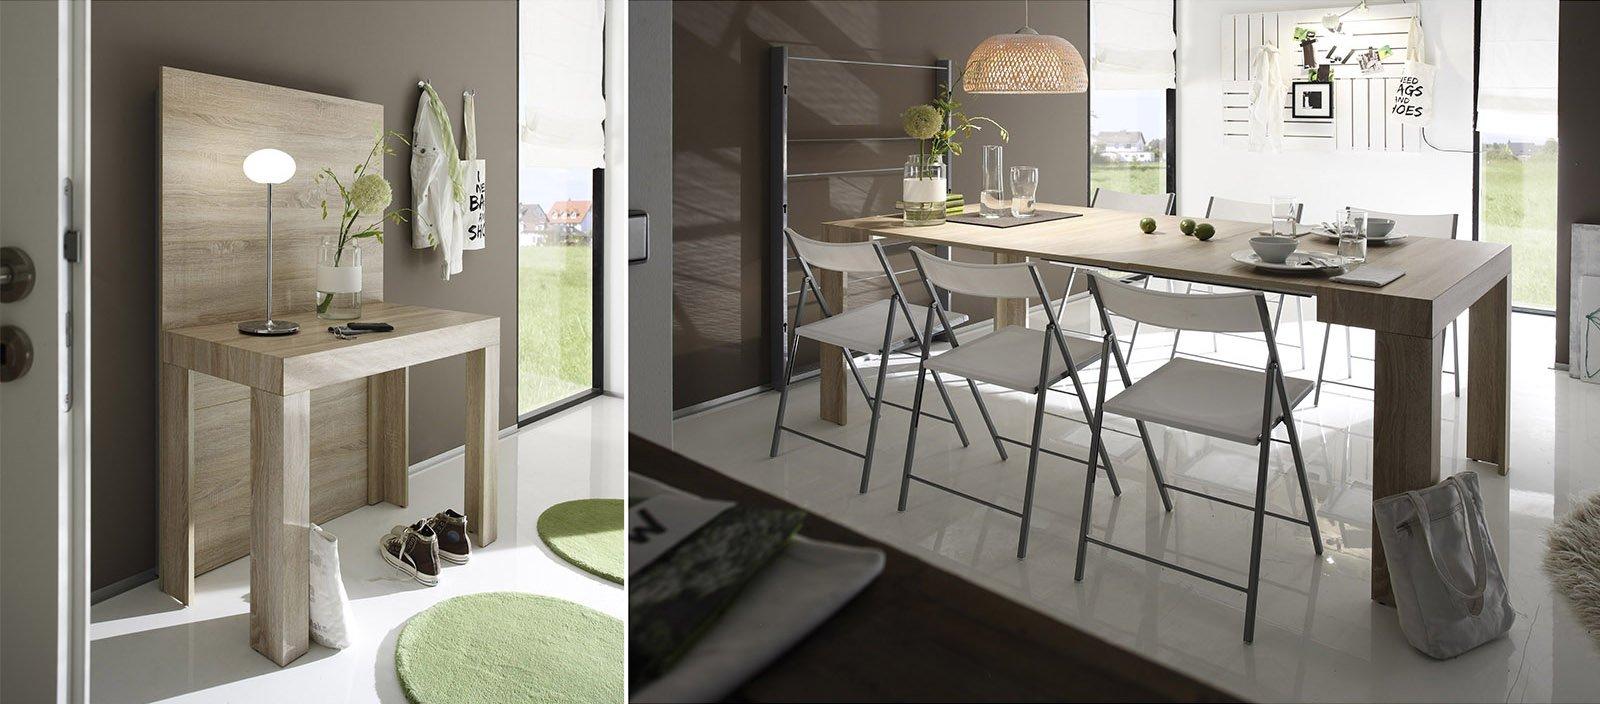 Mercatone Uno Consolle Allungabile.Tavoli Allungabili Trasformabili Quando Serve Cose Di Casa